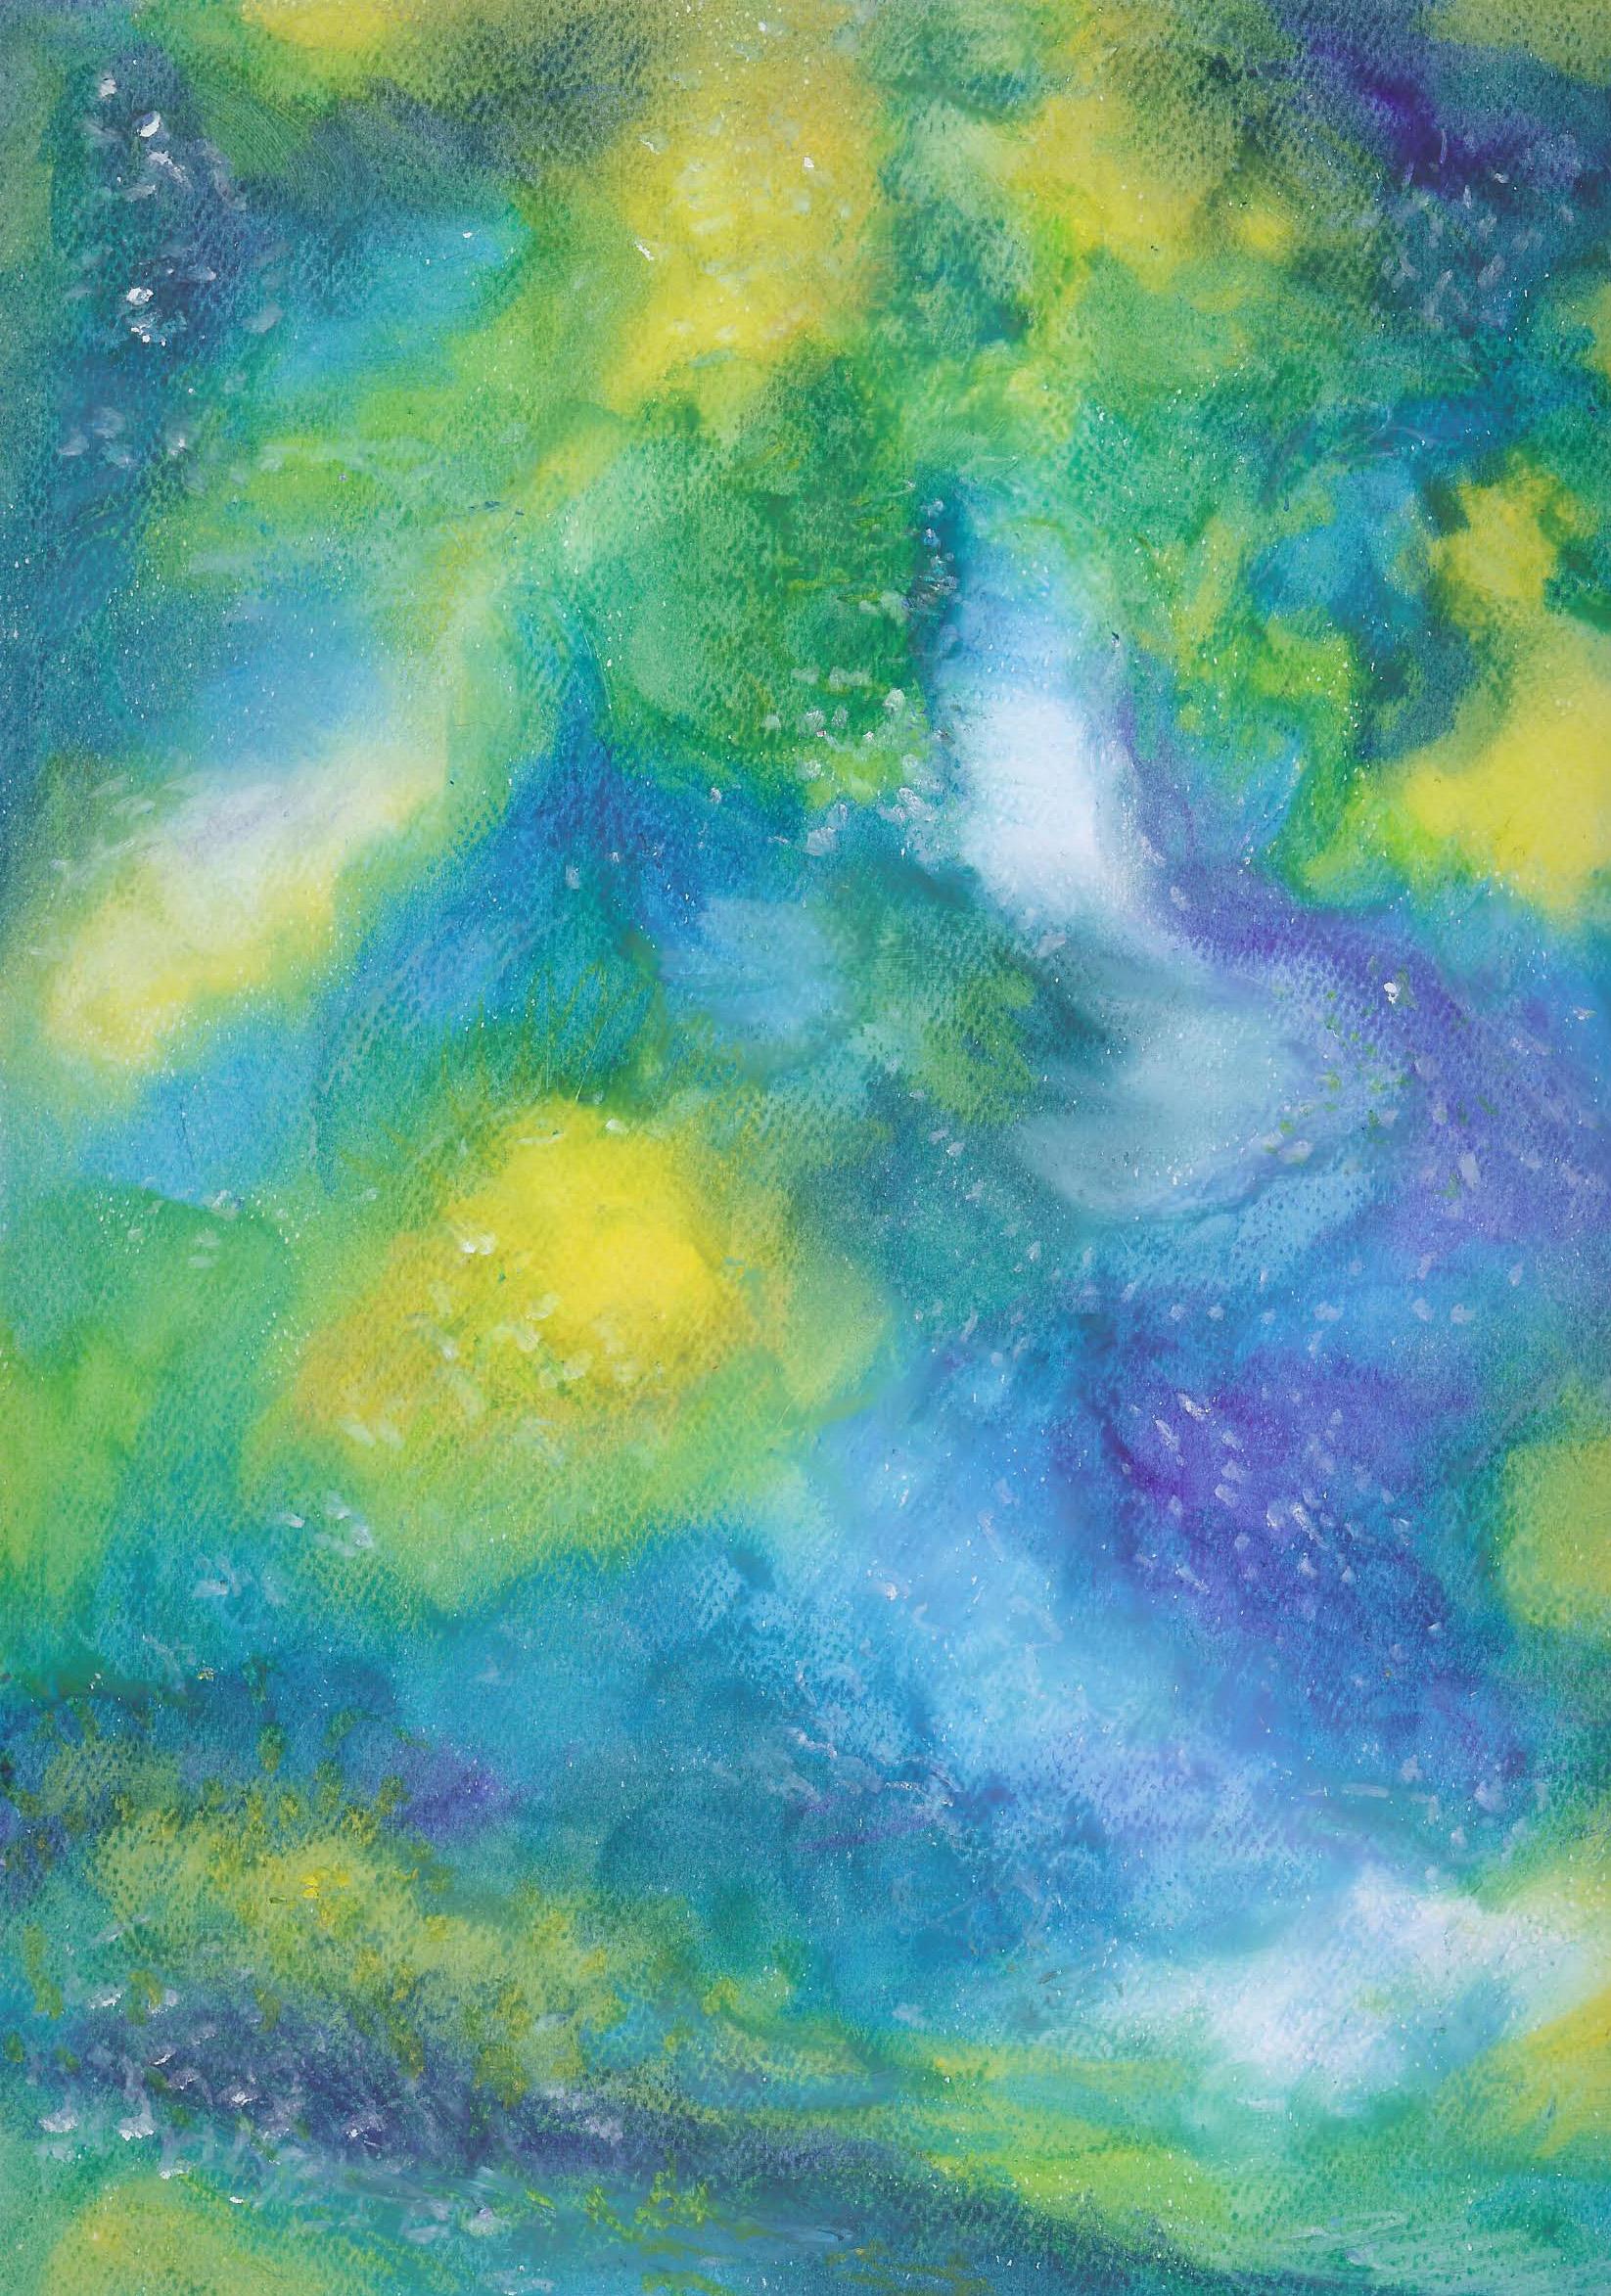 Summer Garden - Oil Pastel - 9 X 12 - $95